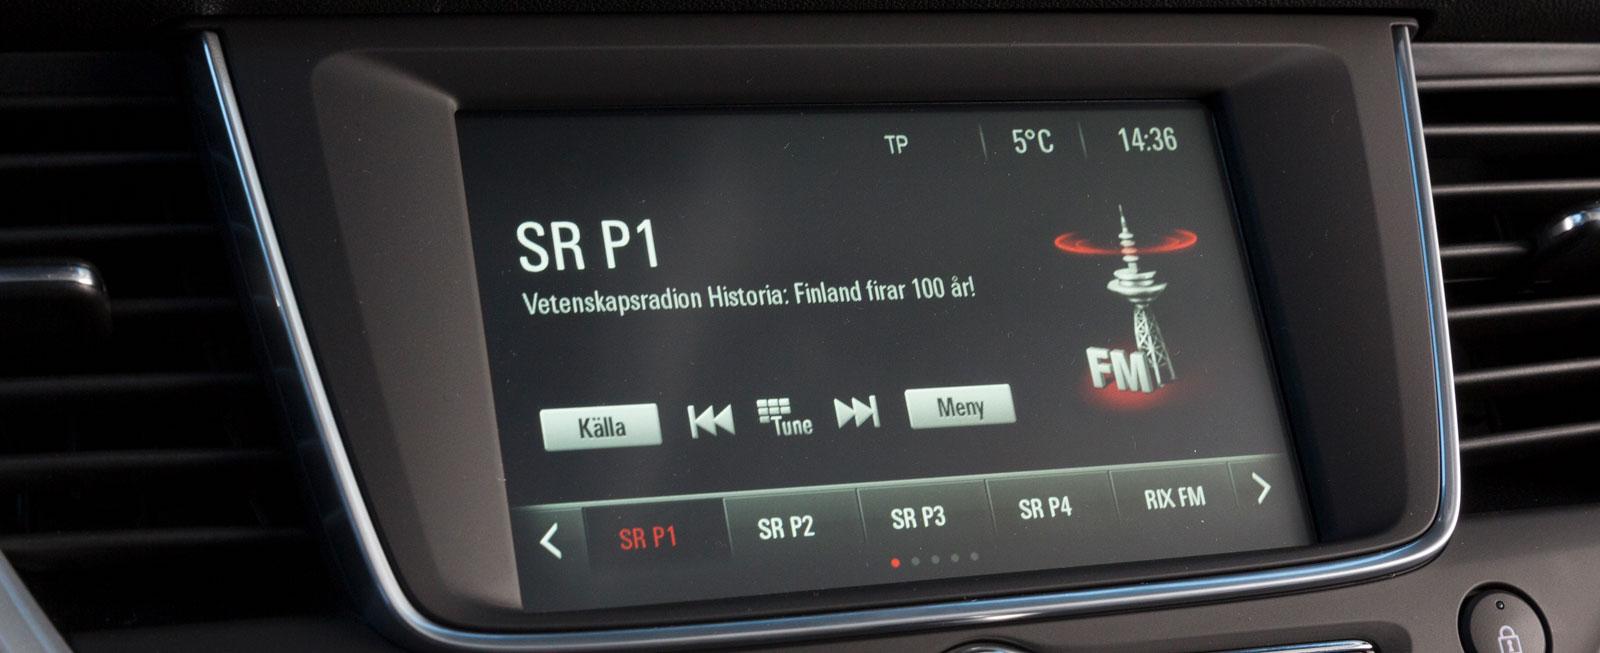 """Trots relativt stor menyskärm envisas Opel med små """"knappar"""" som gör menysystemet onödigt pilligt. Det blir tyvärr inte bättre i det dyrare utförandet."""